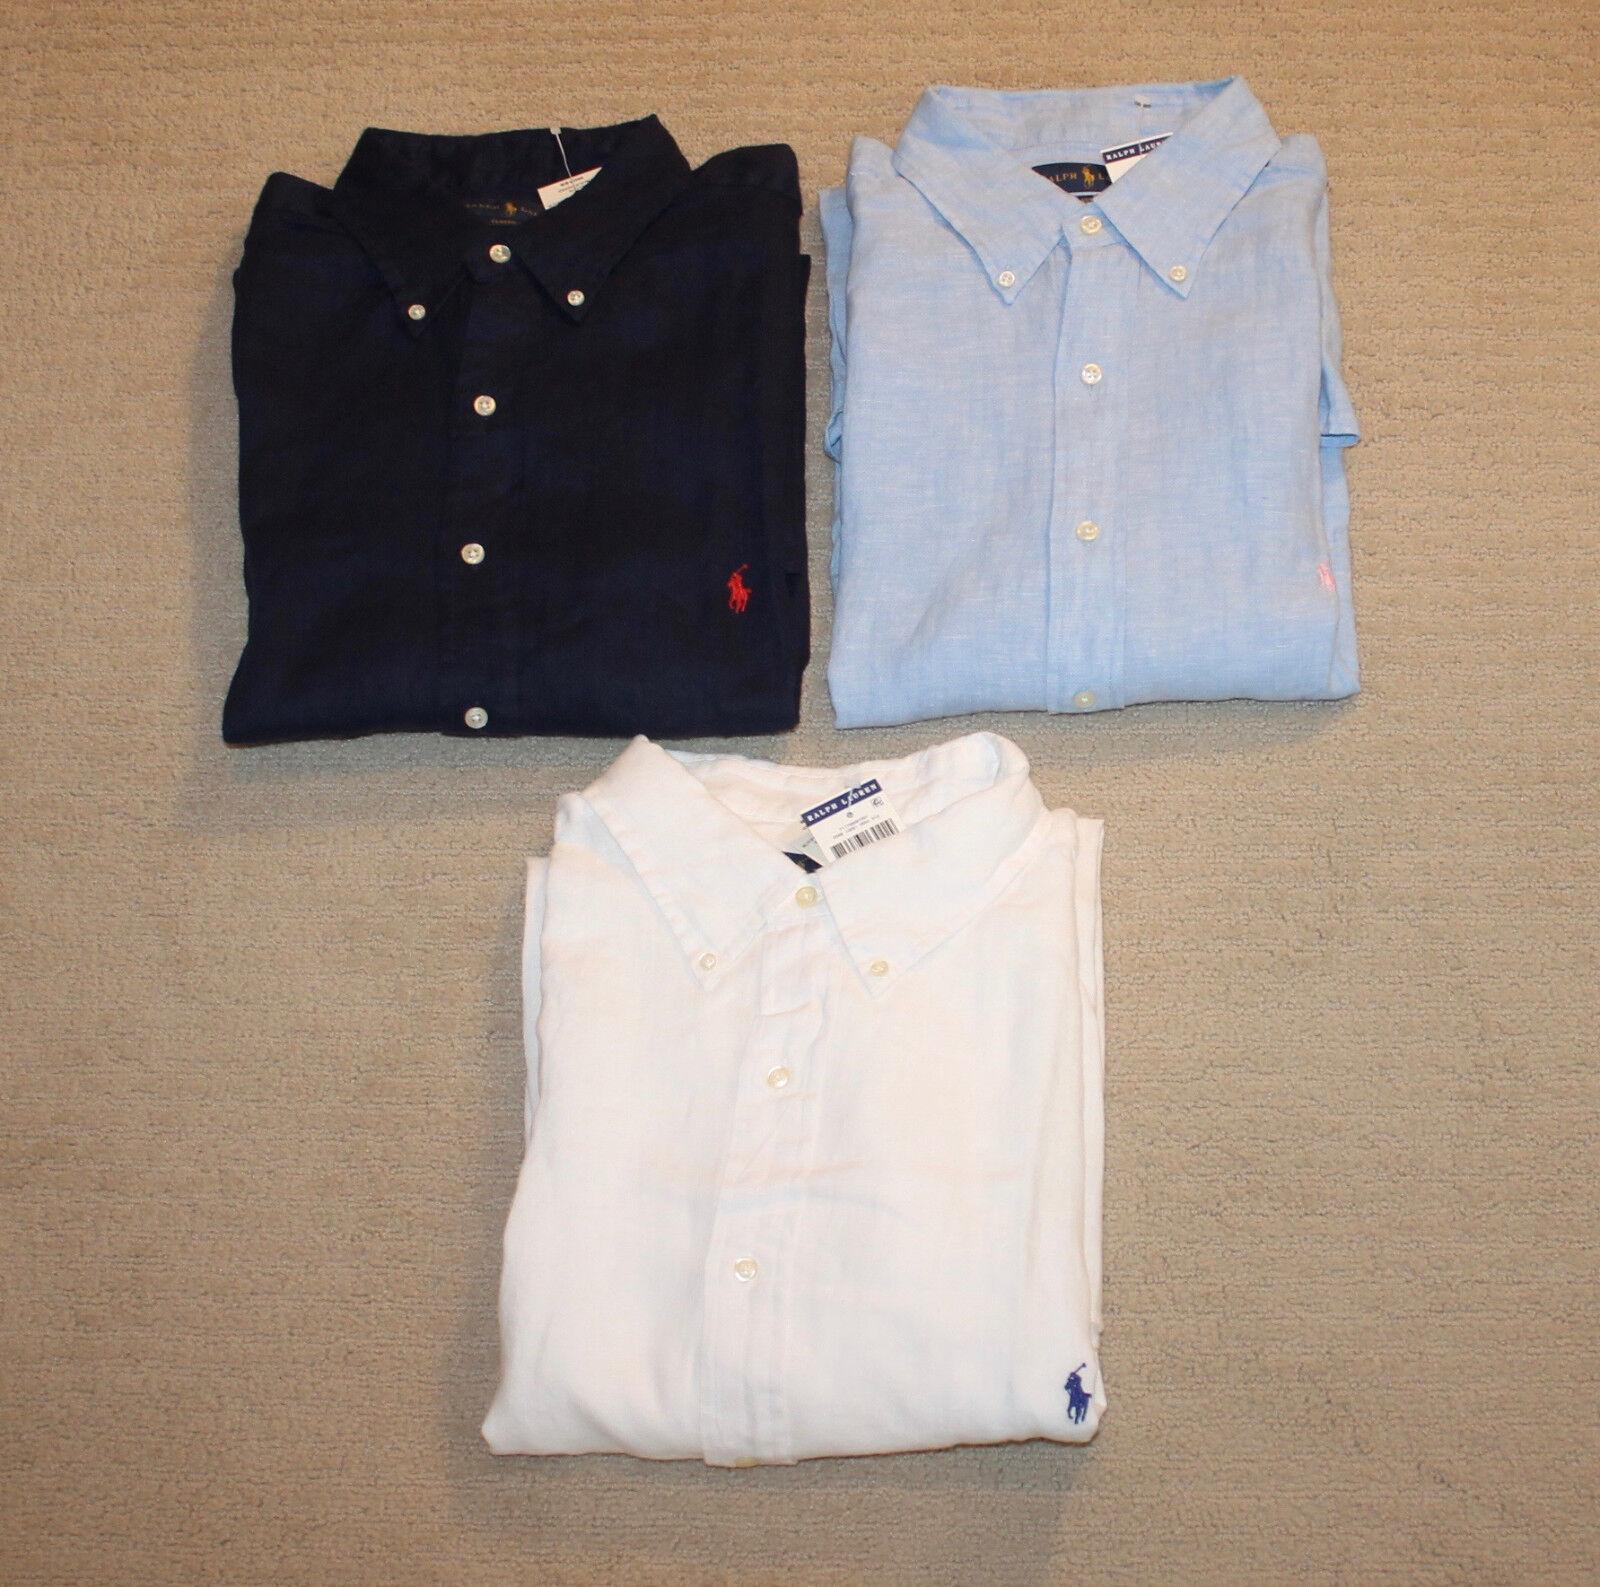 850e53b13 NEW Polo Ralph Lauren Pony Logo Big and Tall Sleeve Linen Shirt Short  nztbko8015-Casual Button-Down Shirts